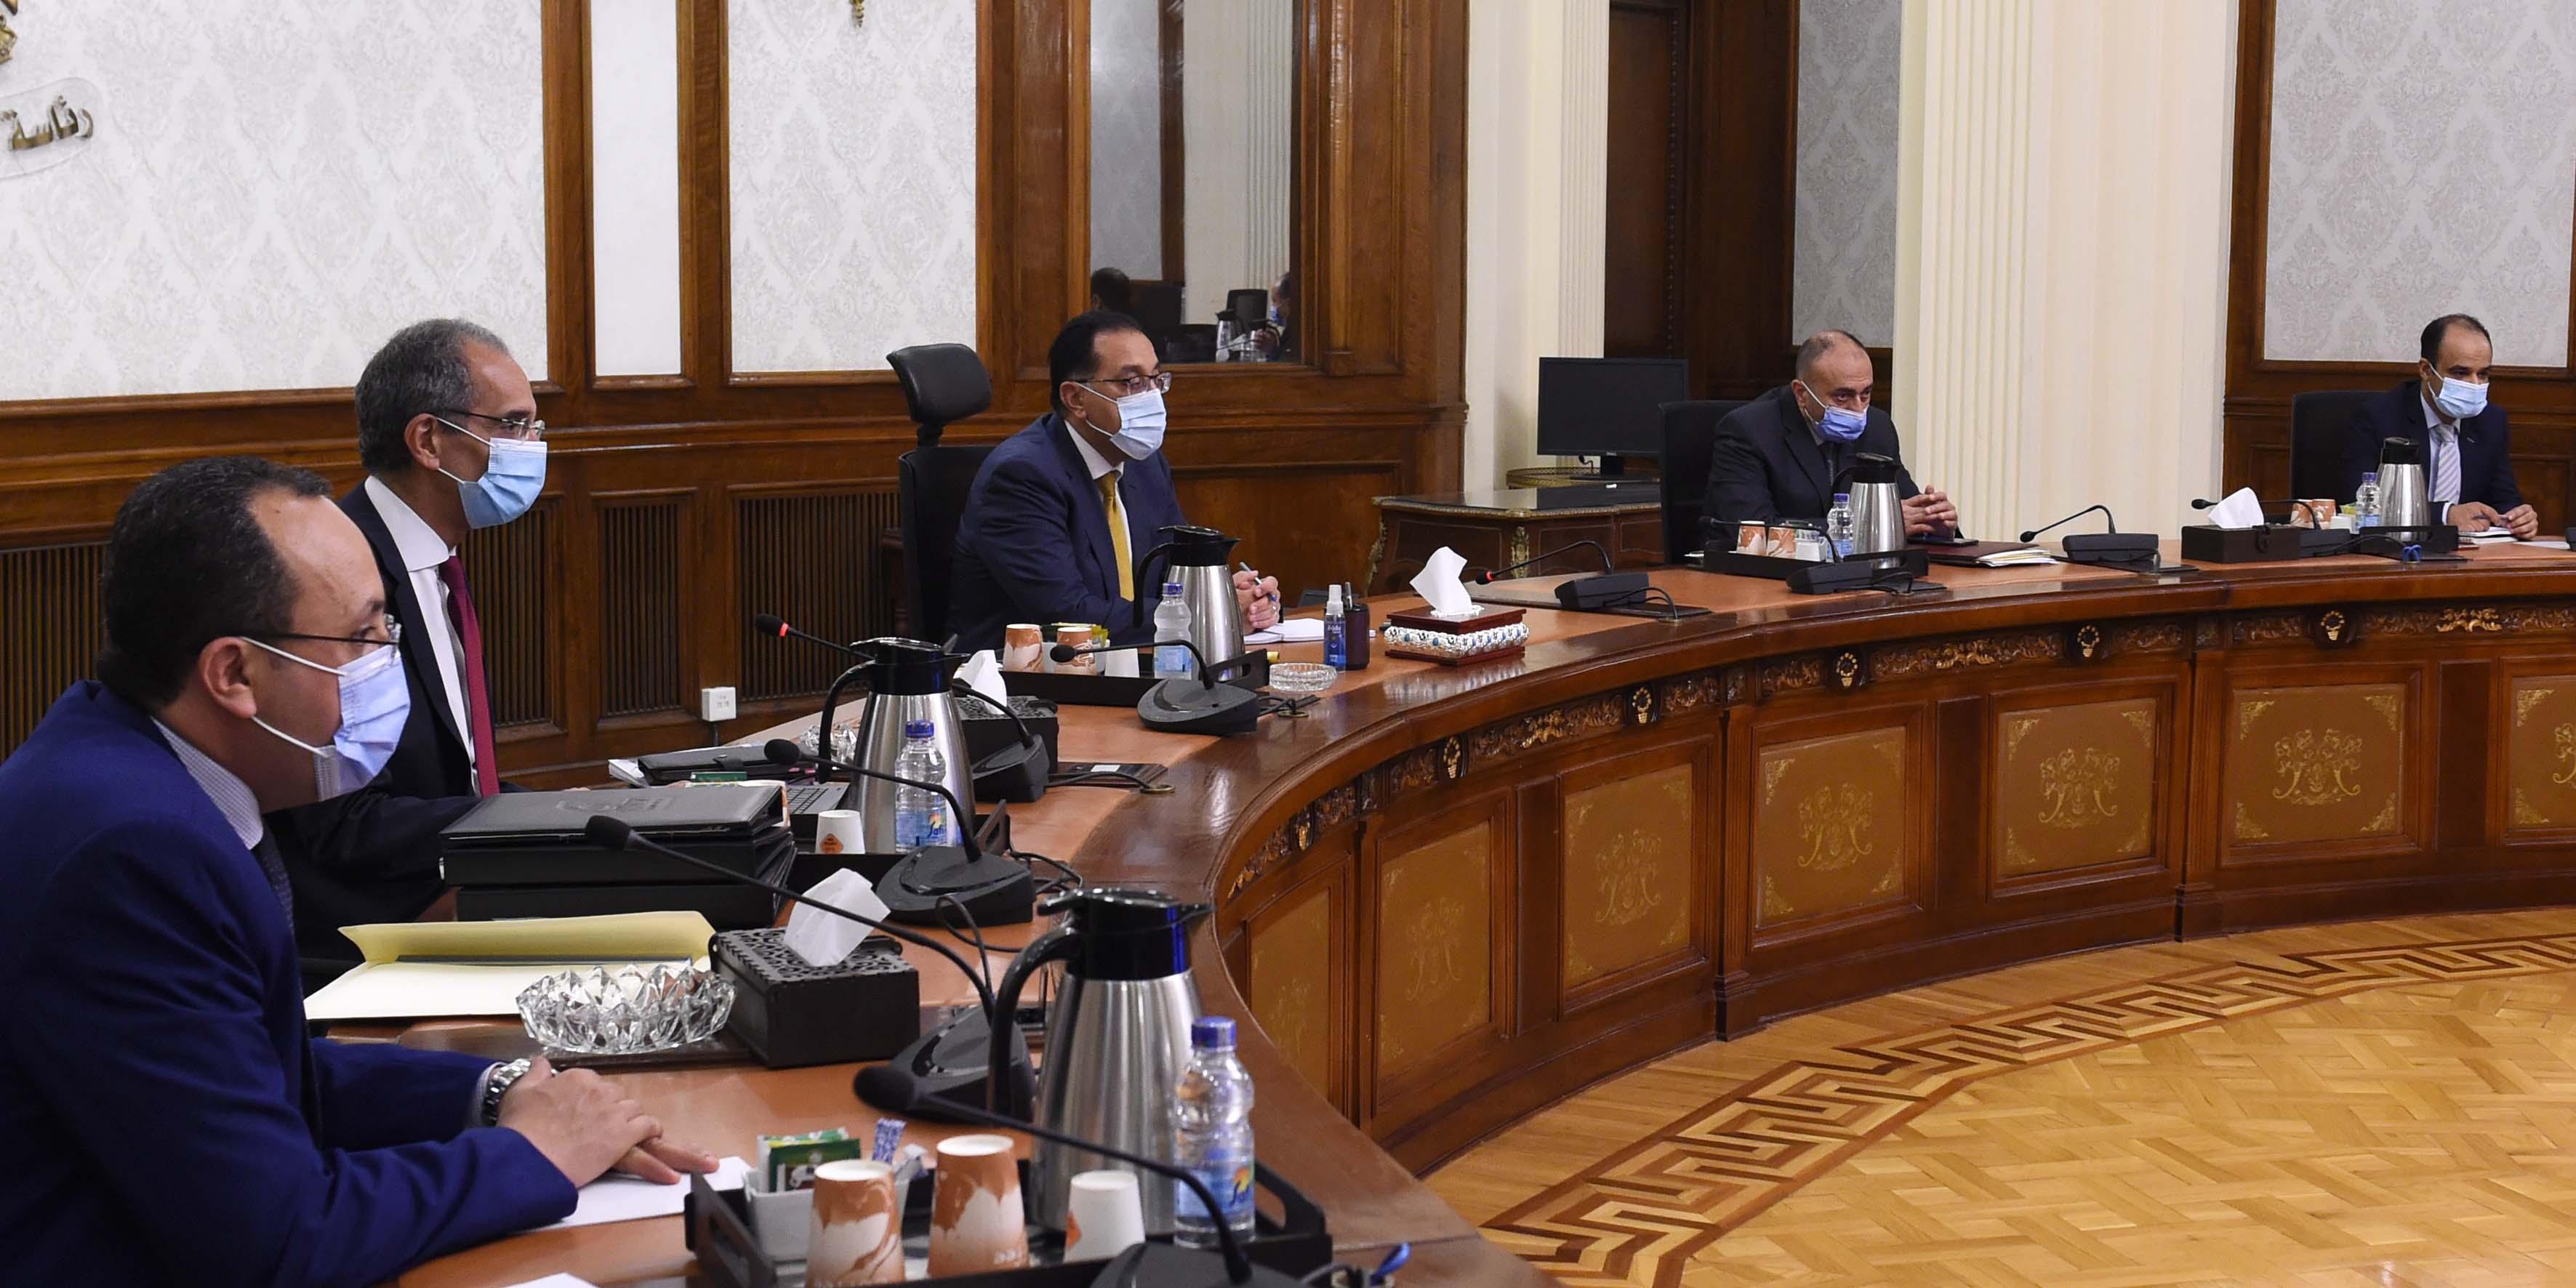 رئيس الوزراء يلتقي وزير الاتصالات لمتابعة مشروعات الوزارة  (2)